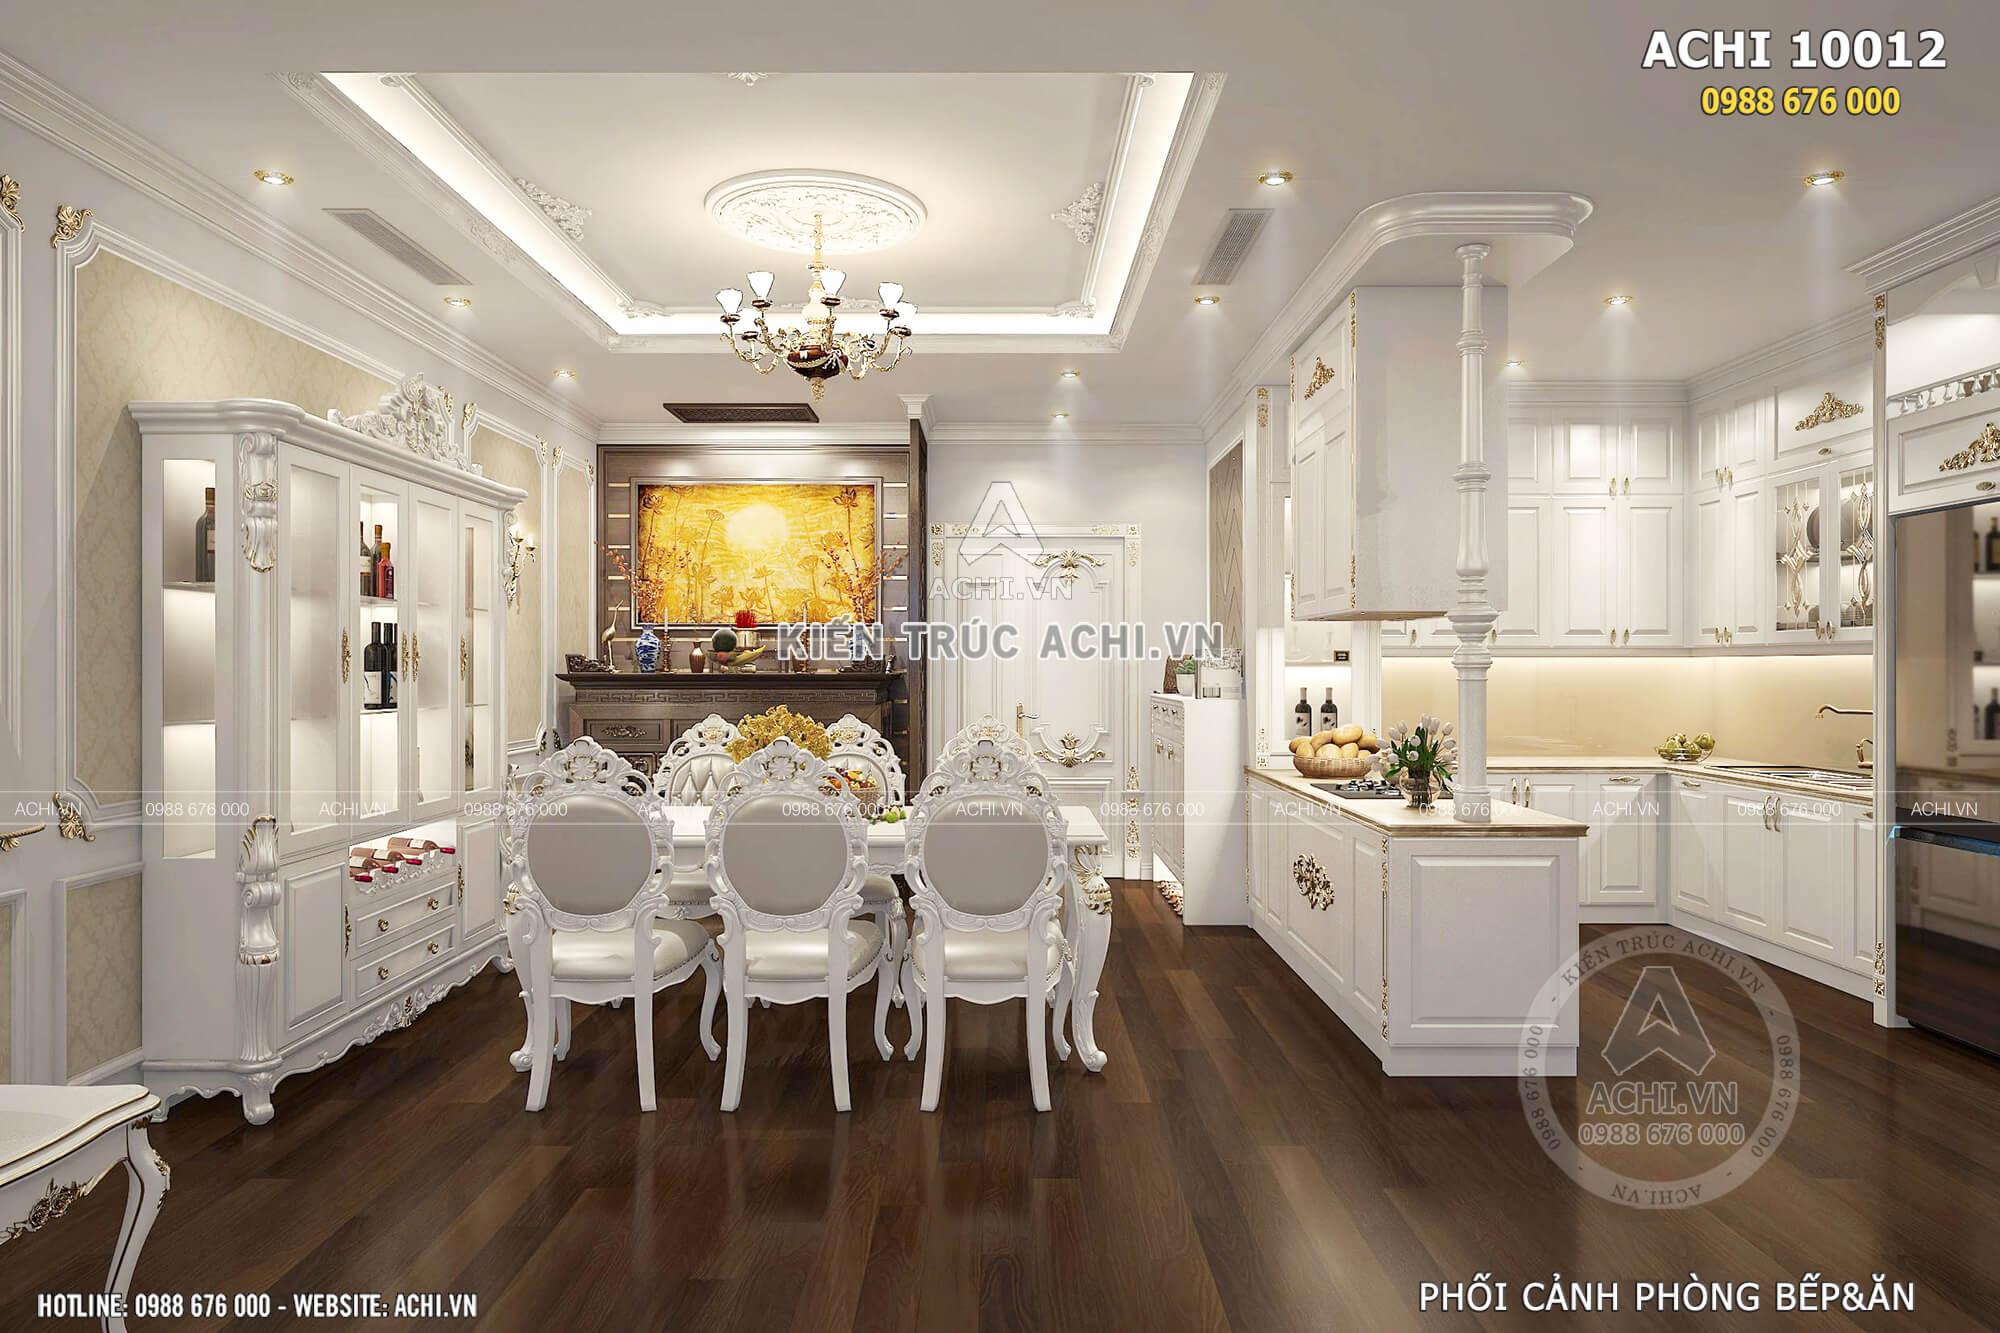 Phòng khách và bếp ăn với tone màu trắng trang nhã, tinh tế và thoáng rộng